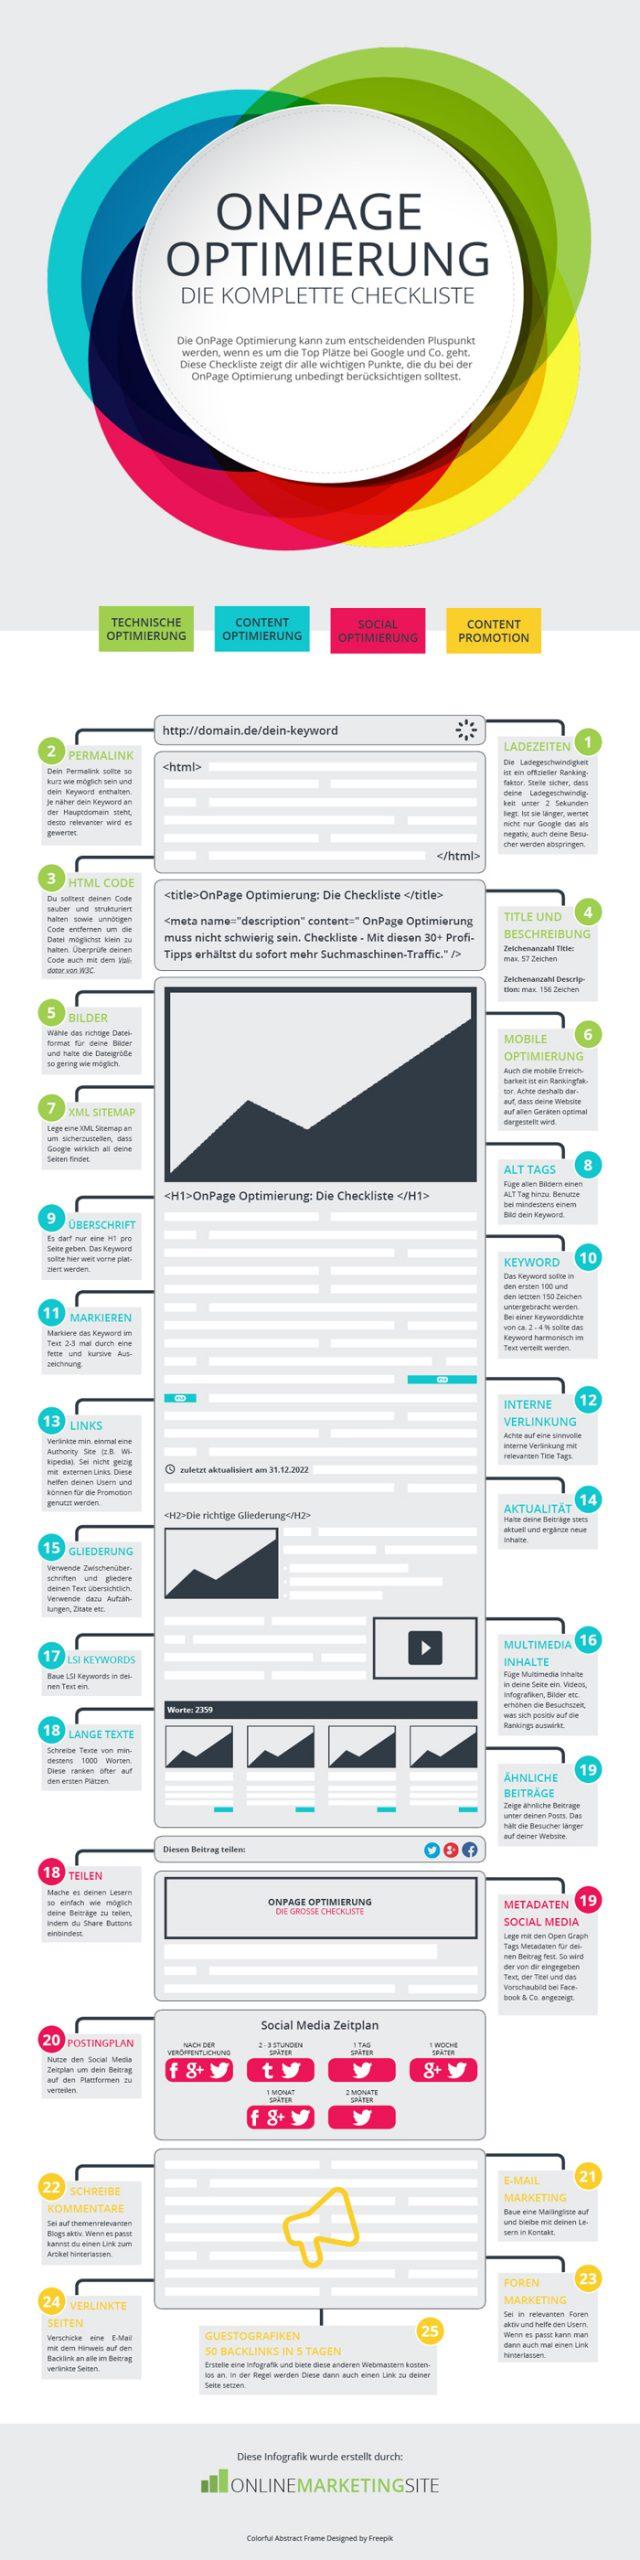 OnPage Optimierung - die Checkliste